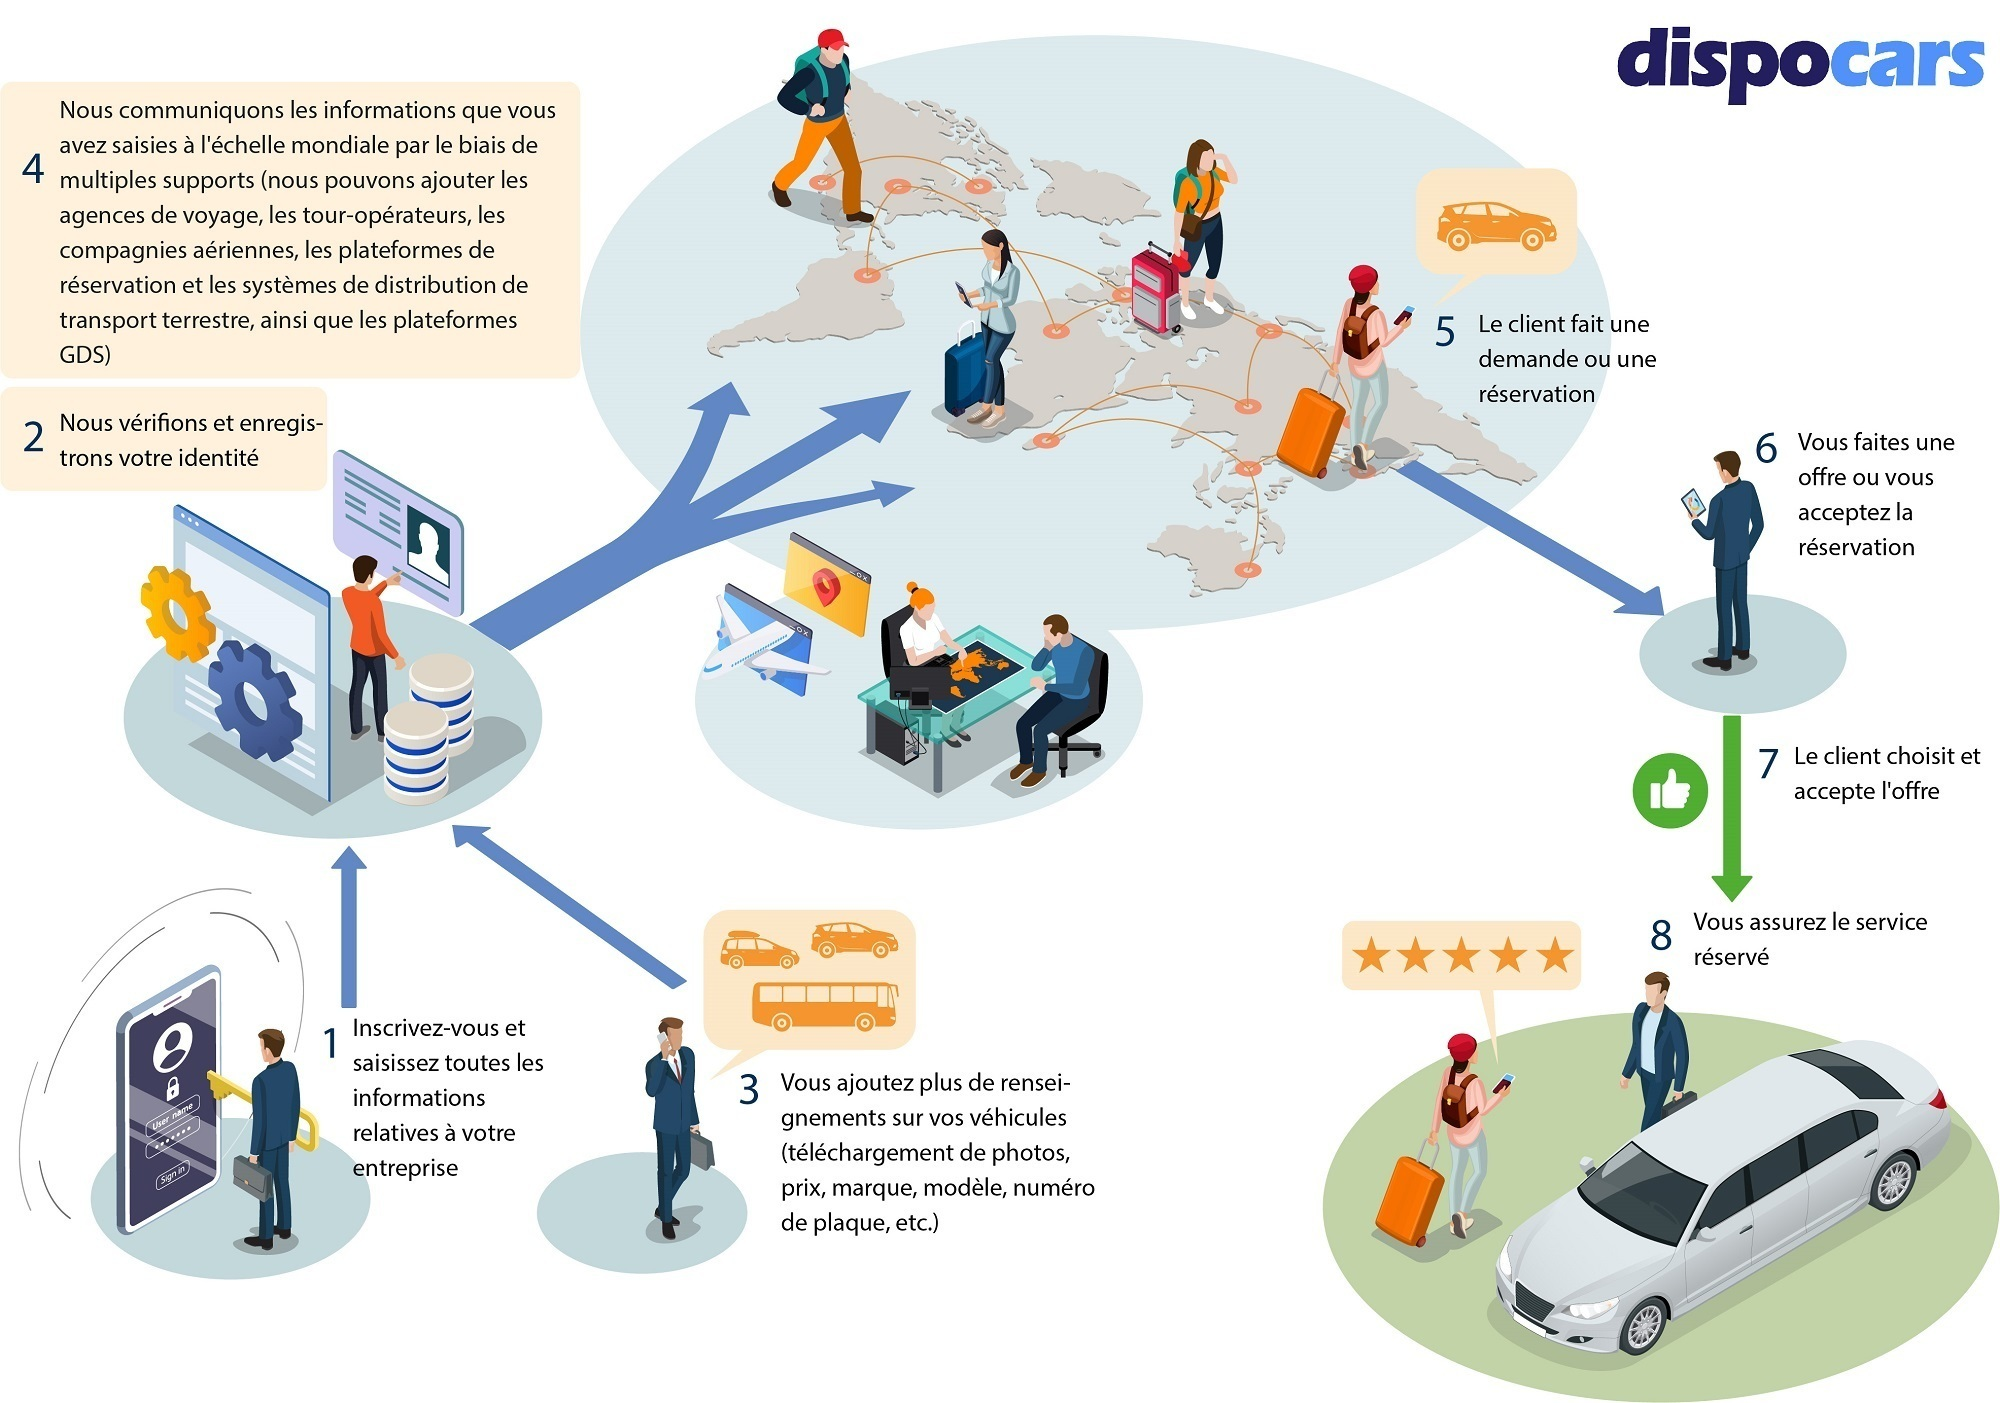 DispoCars - Devenir un Partenaire